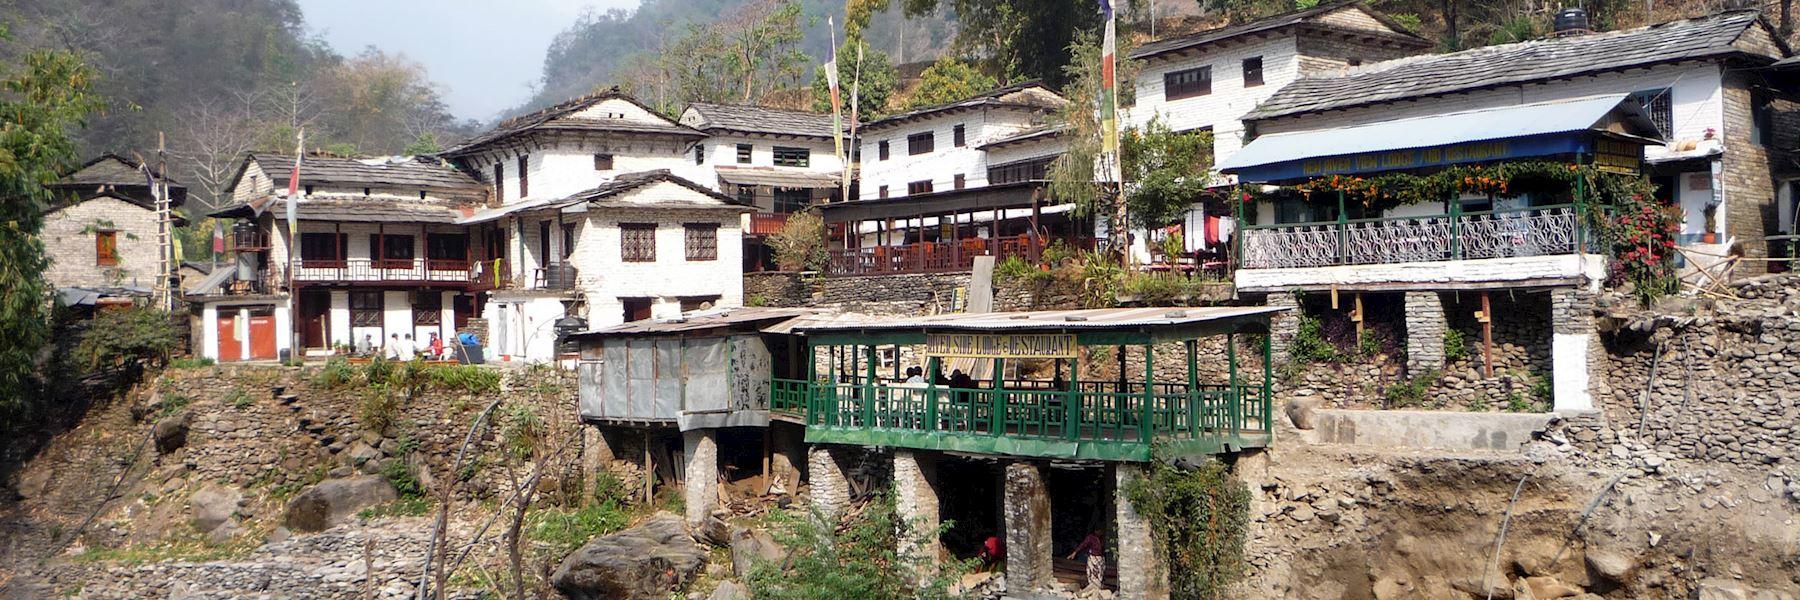 Visit Birethanti, Nepal